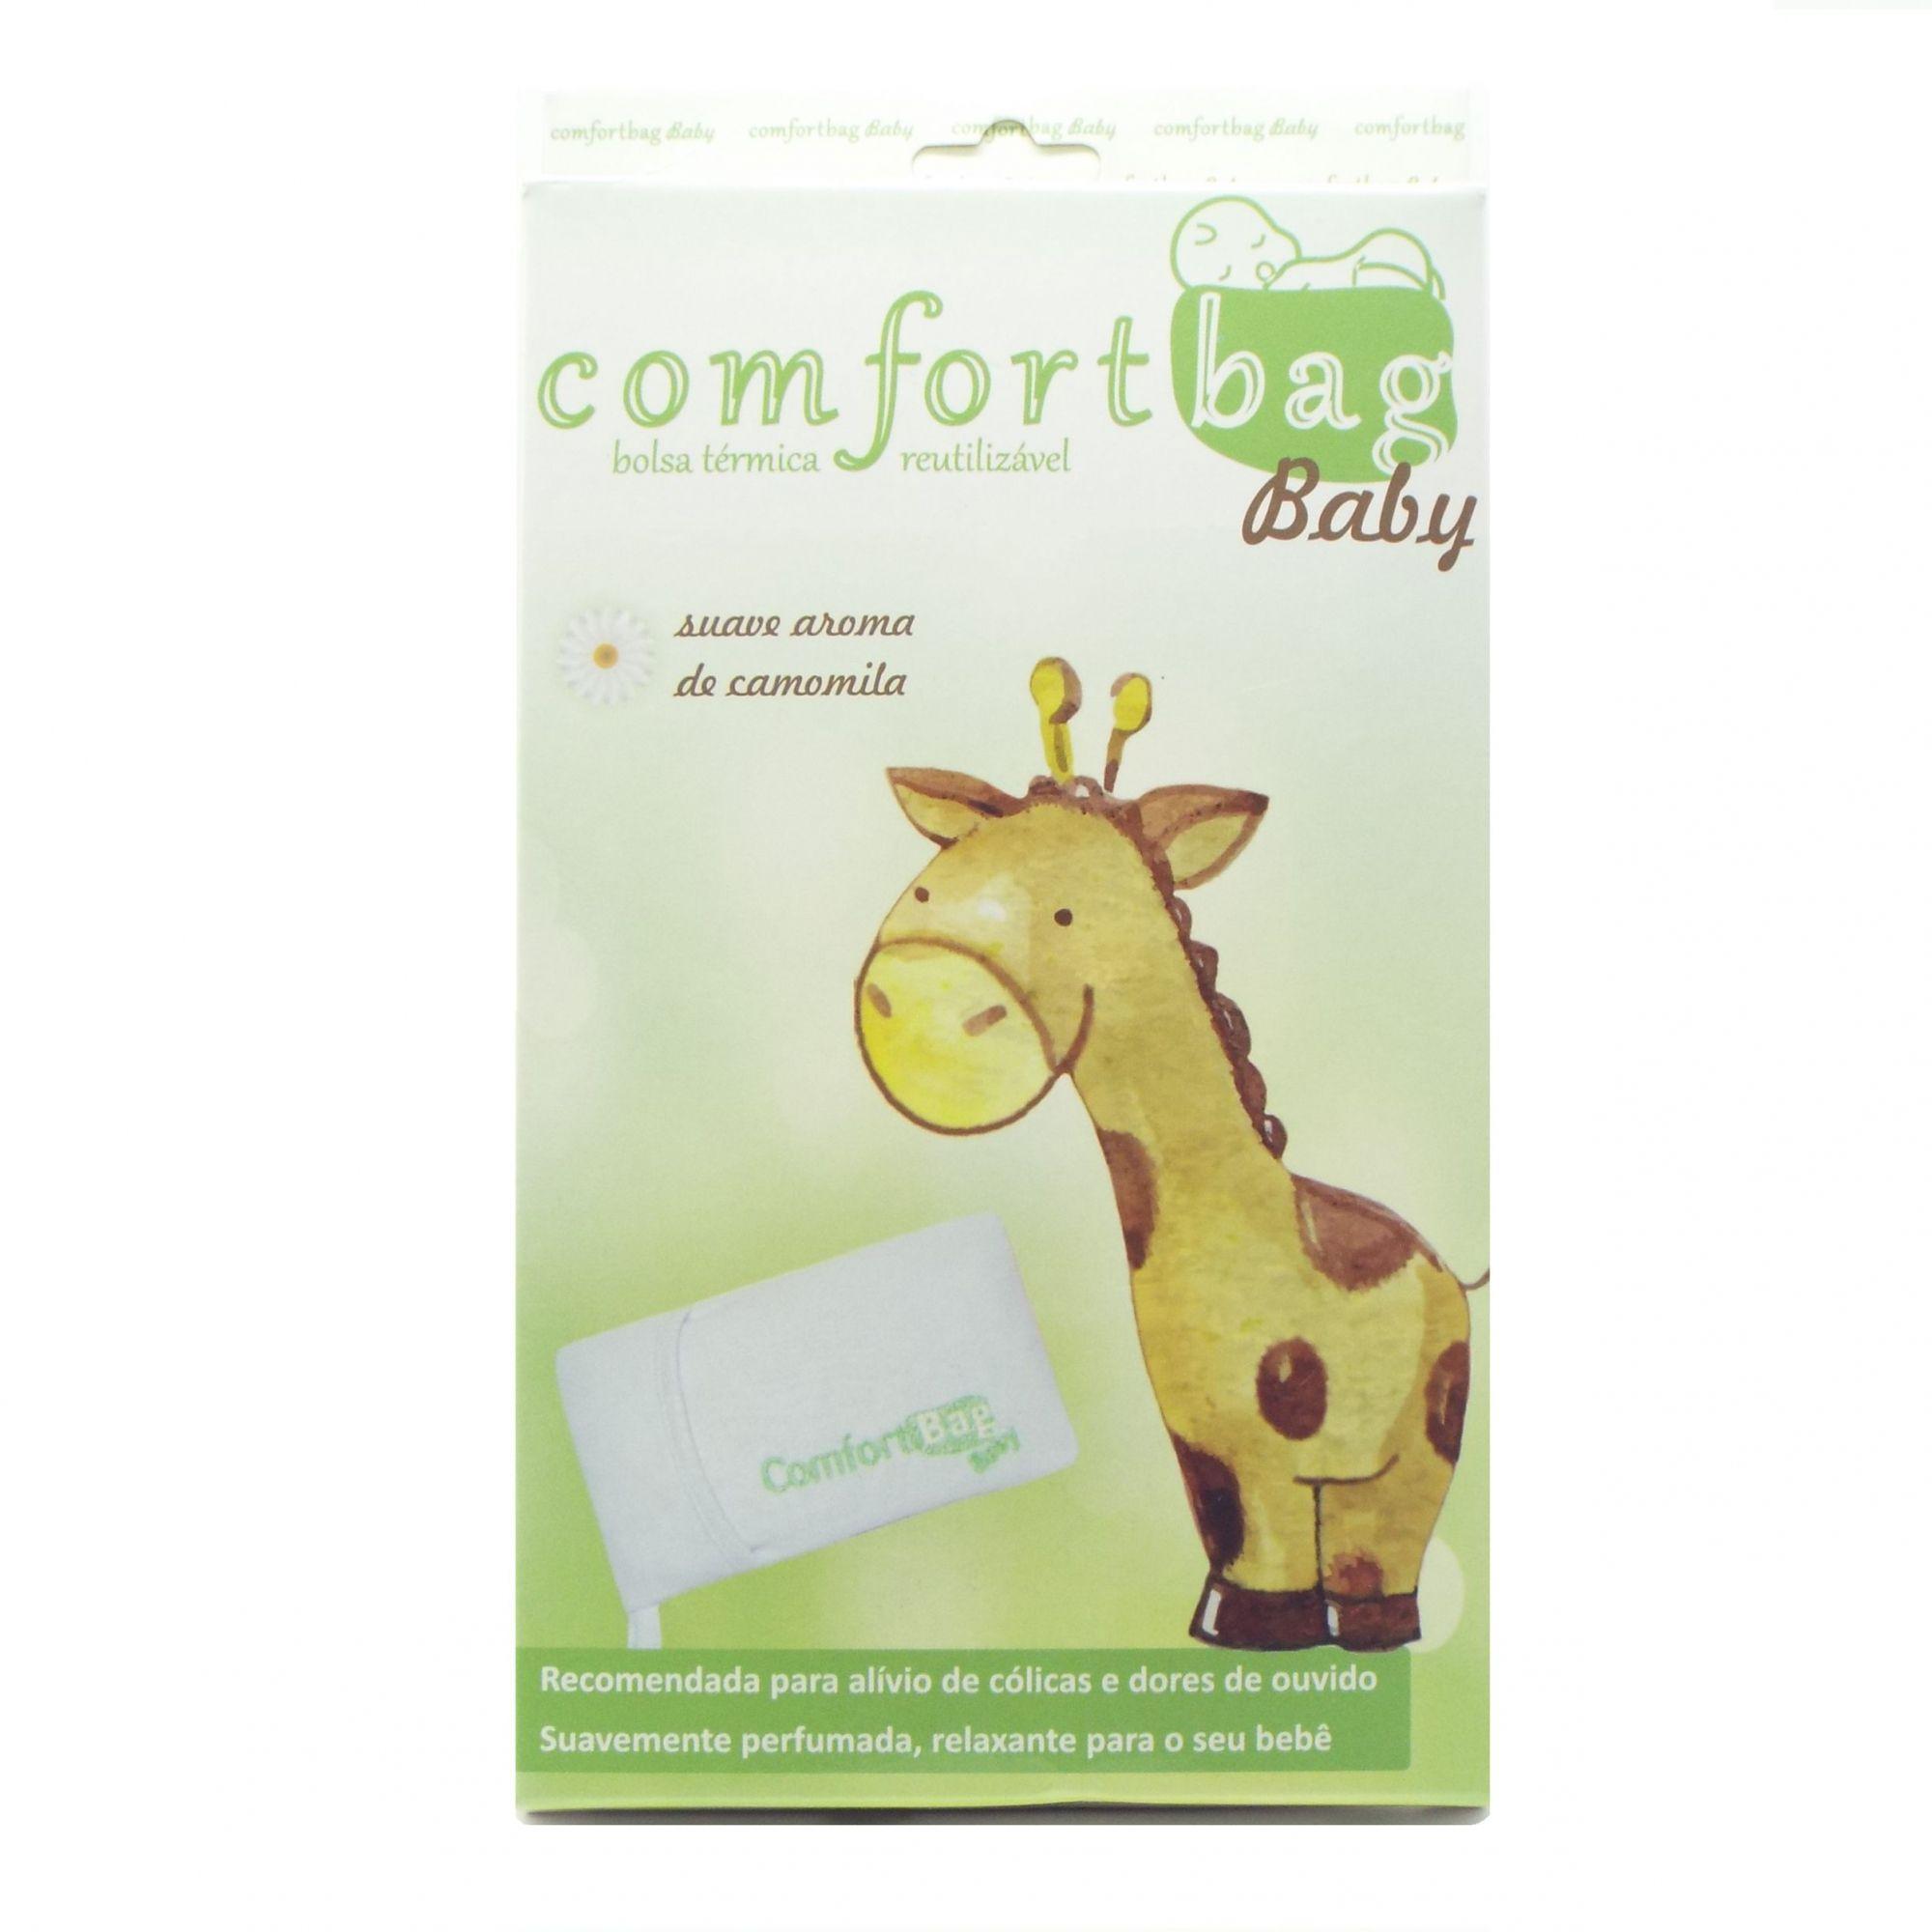 Bolsa térmica reutilizável com gel para alívio de cólicas Confort Bag Baby